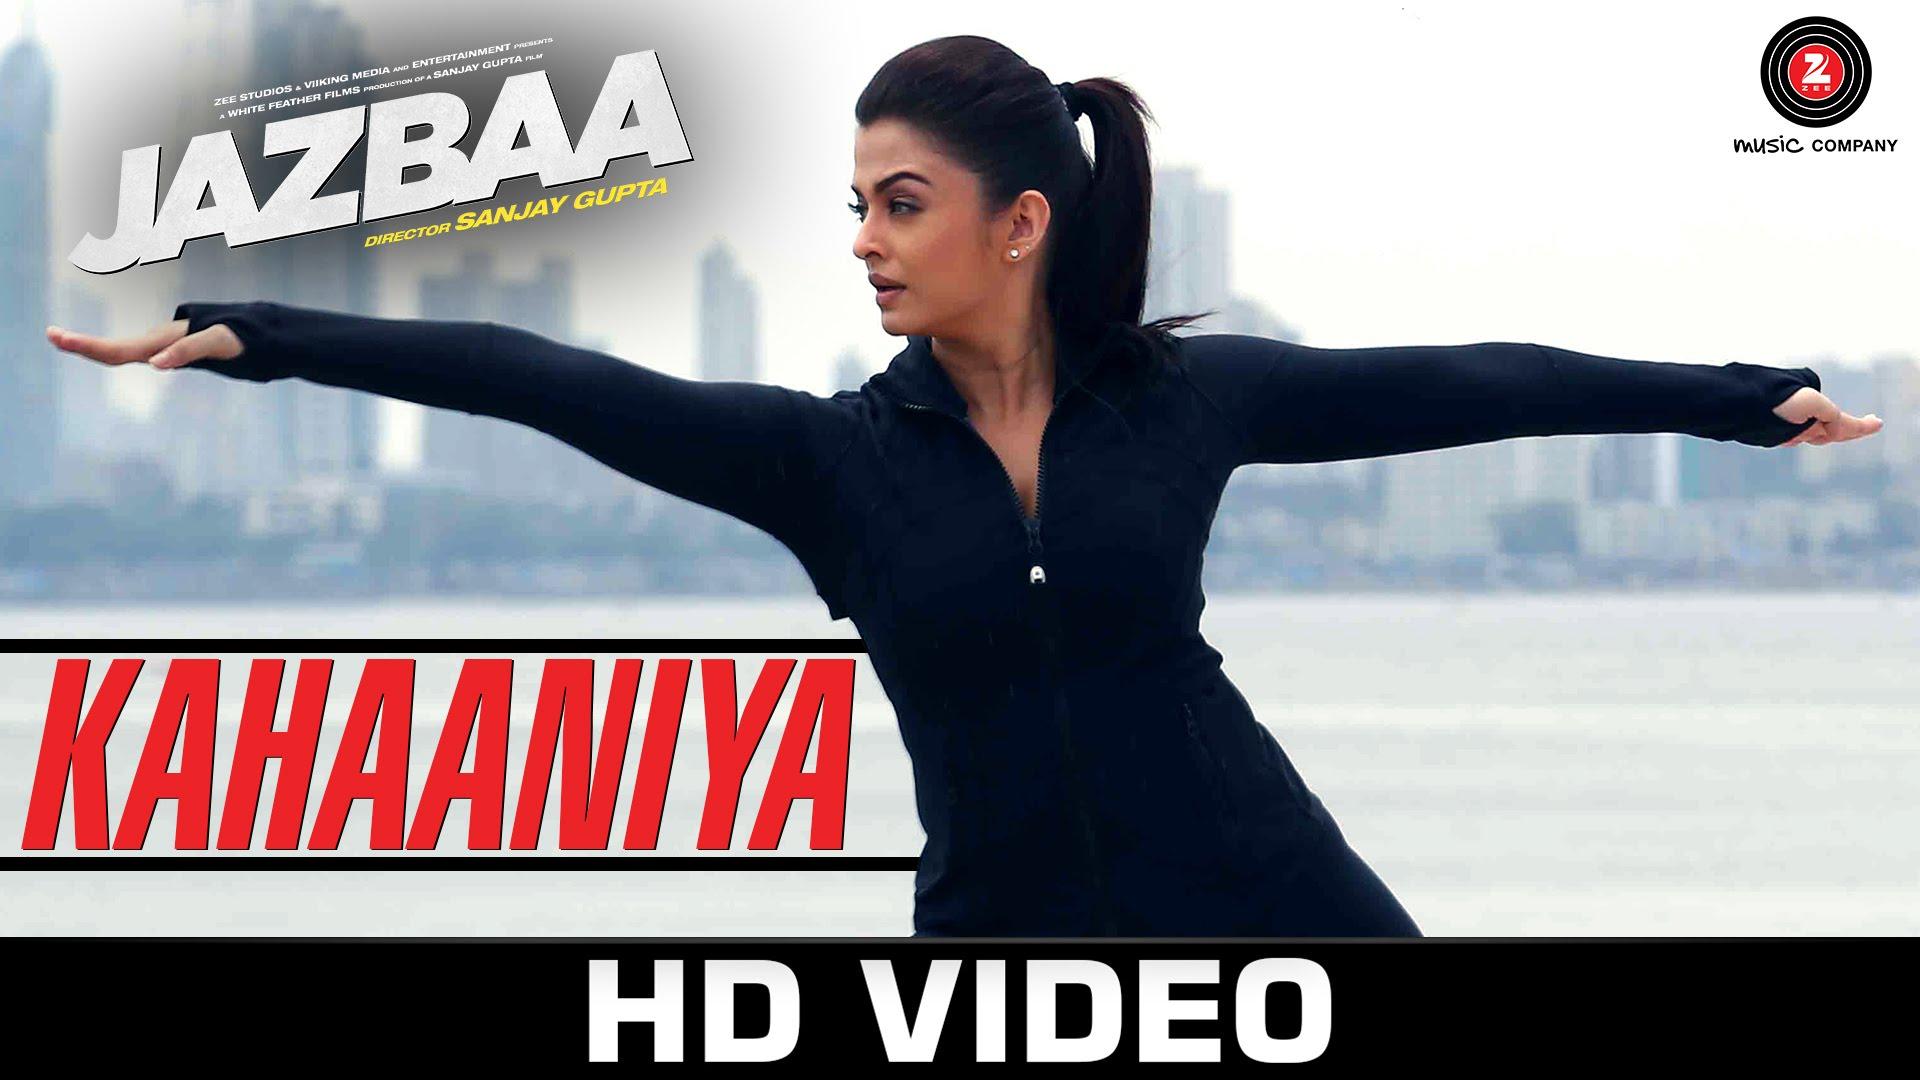 New Song Alert | 'Kahaaniya' from Jazbaa